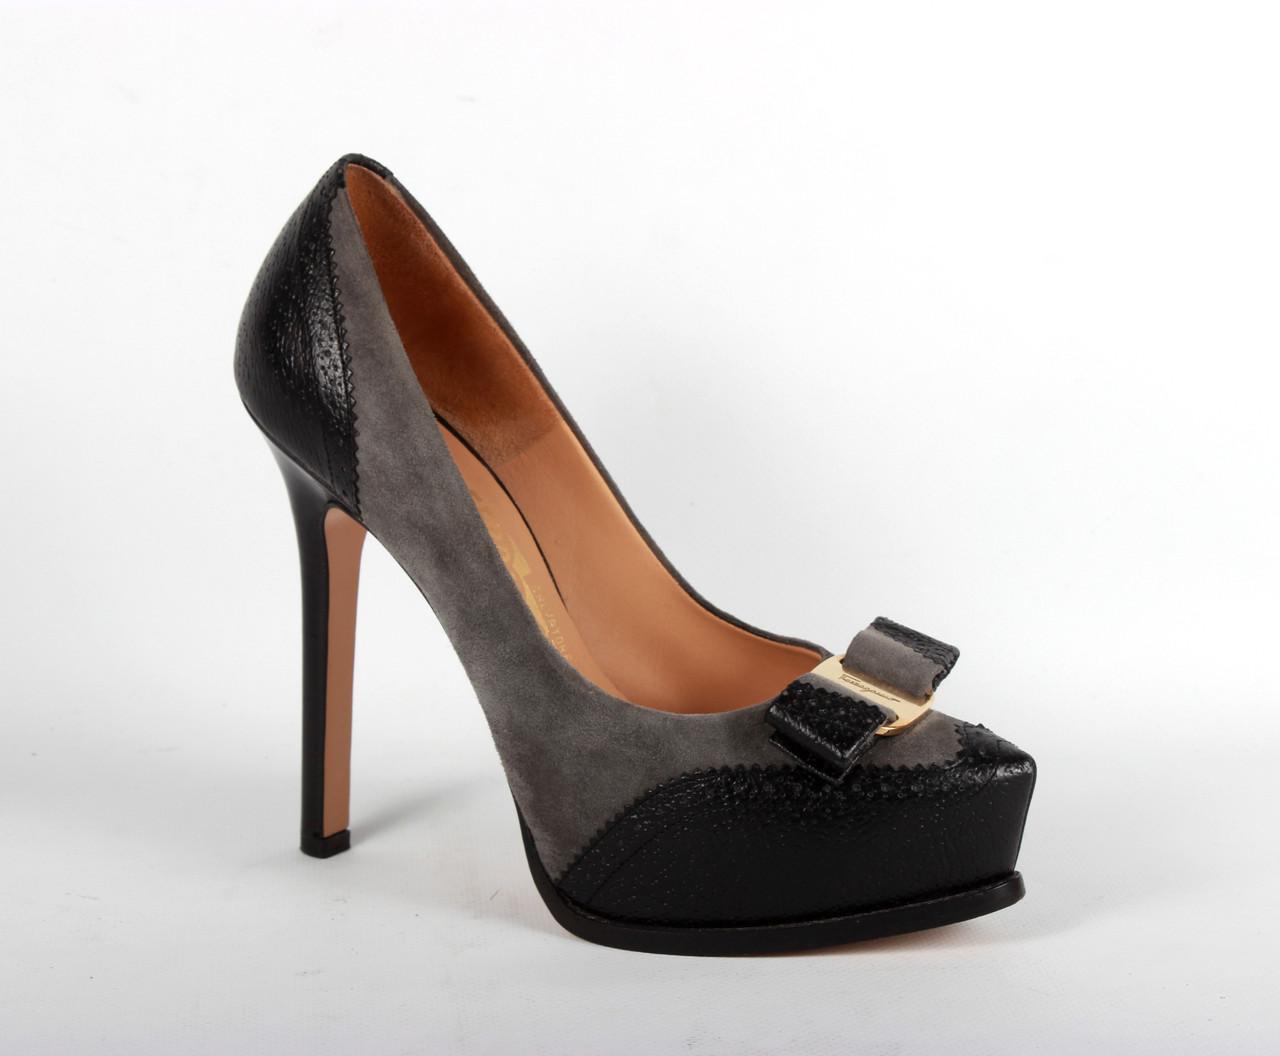 Купить туфли Salvatore Ferragamo в комиссионном магазине Киев ... 273a13311d0